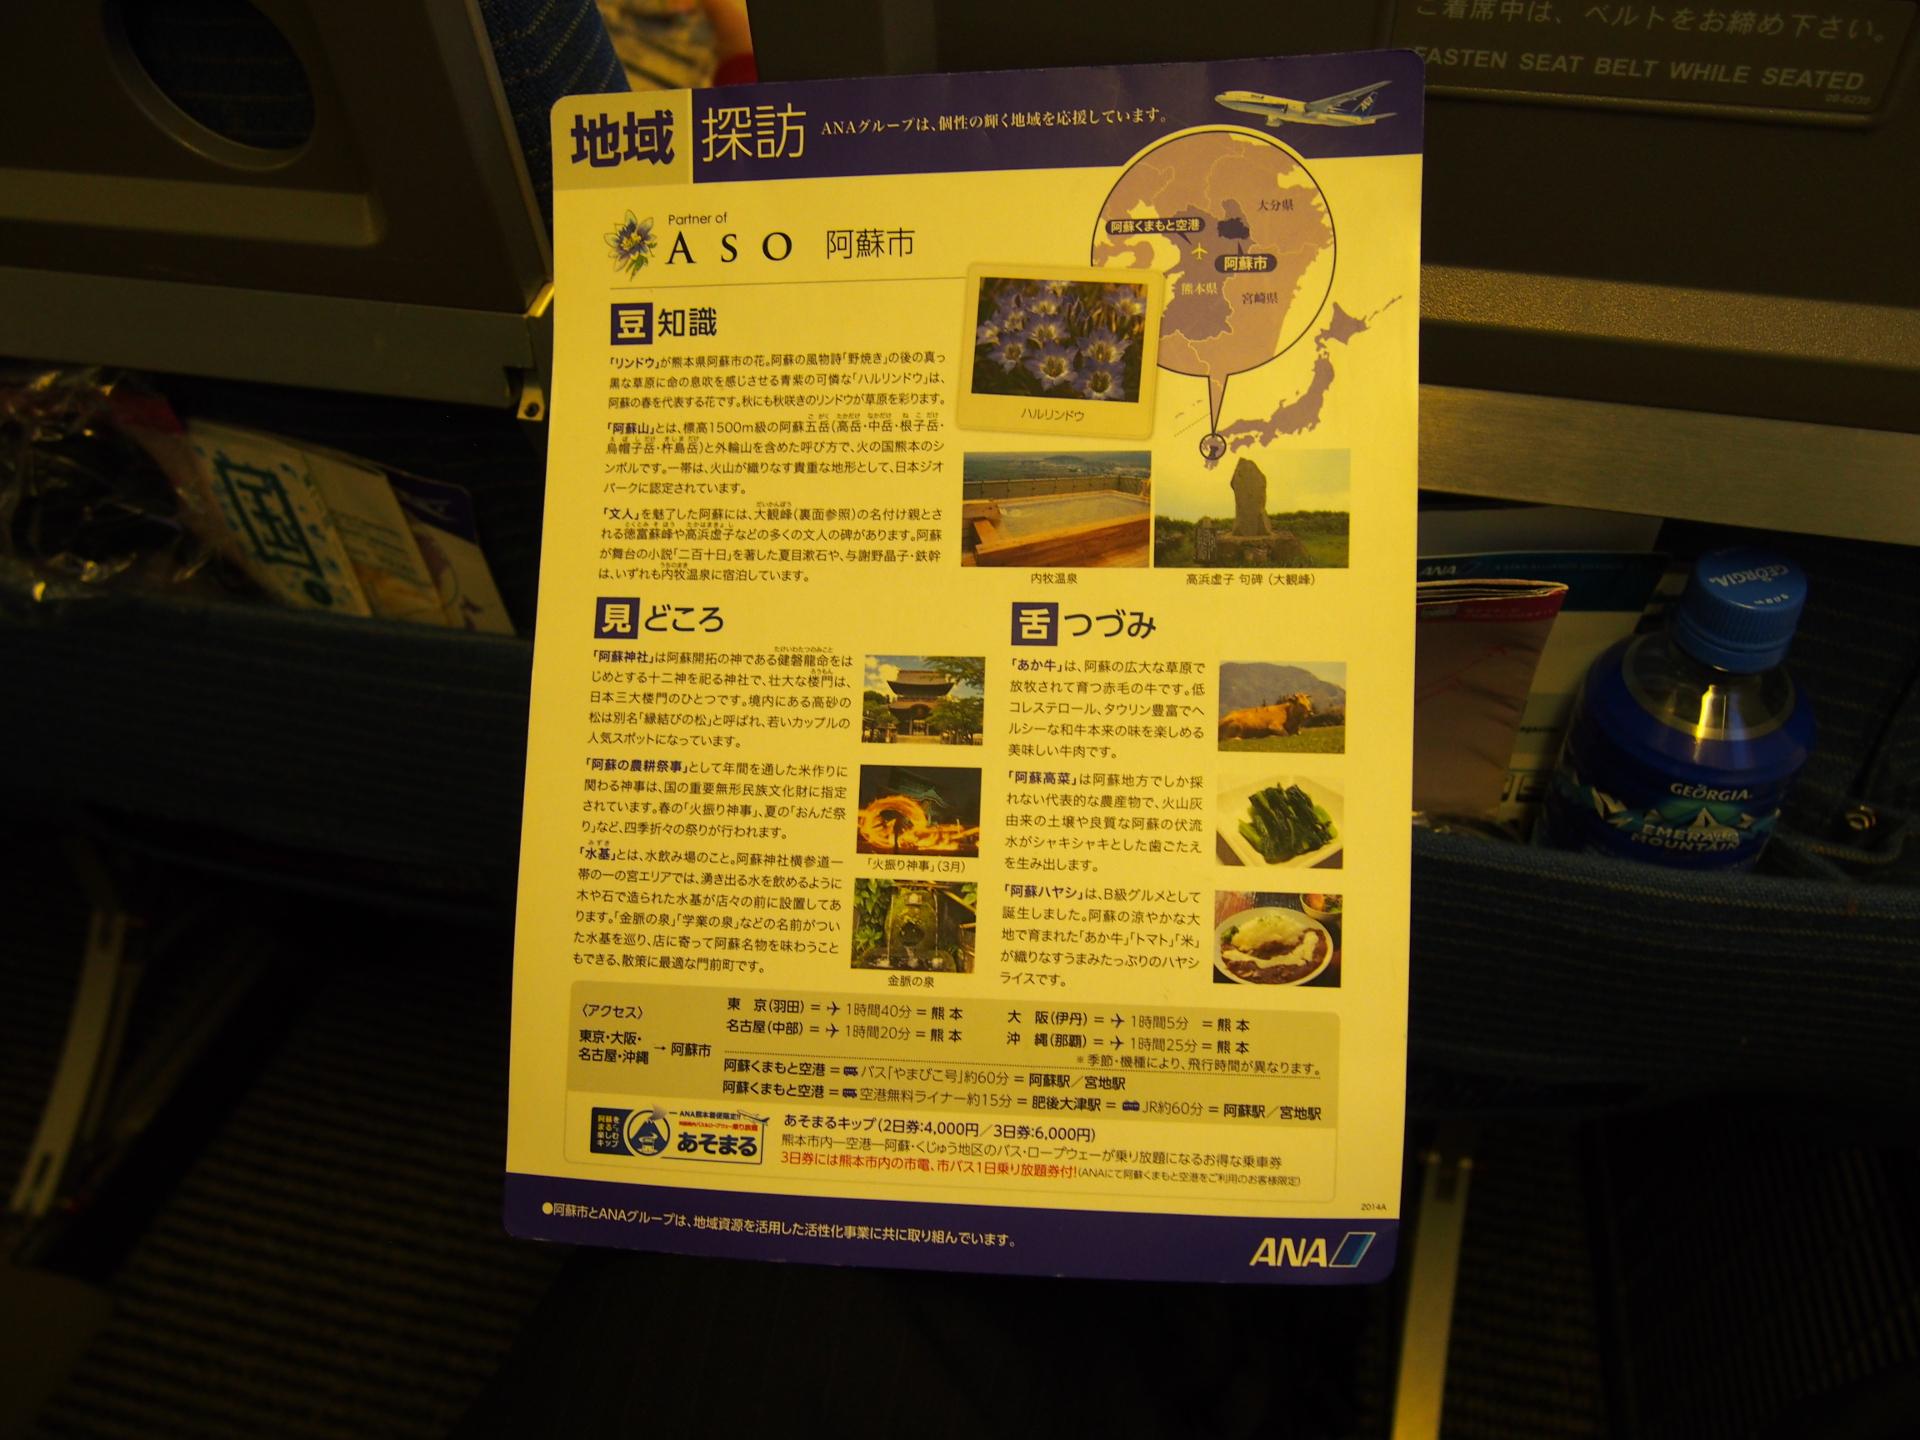 阿蘇市観光コラボ機です。